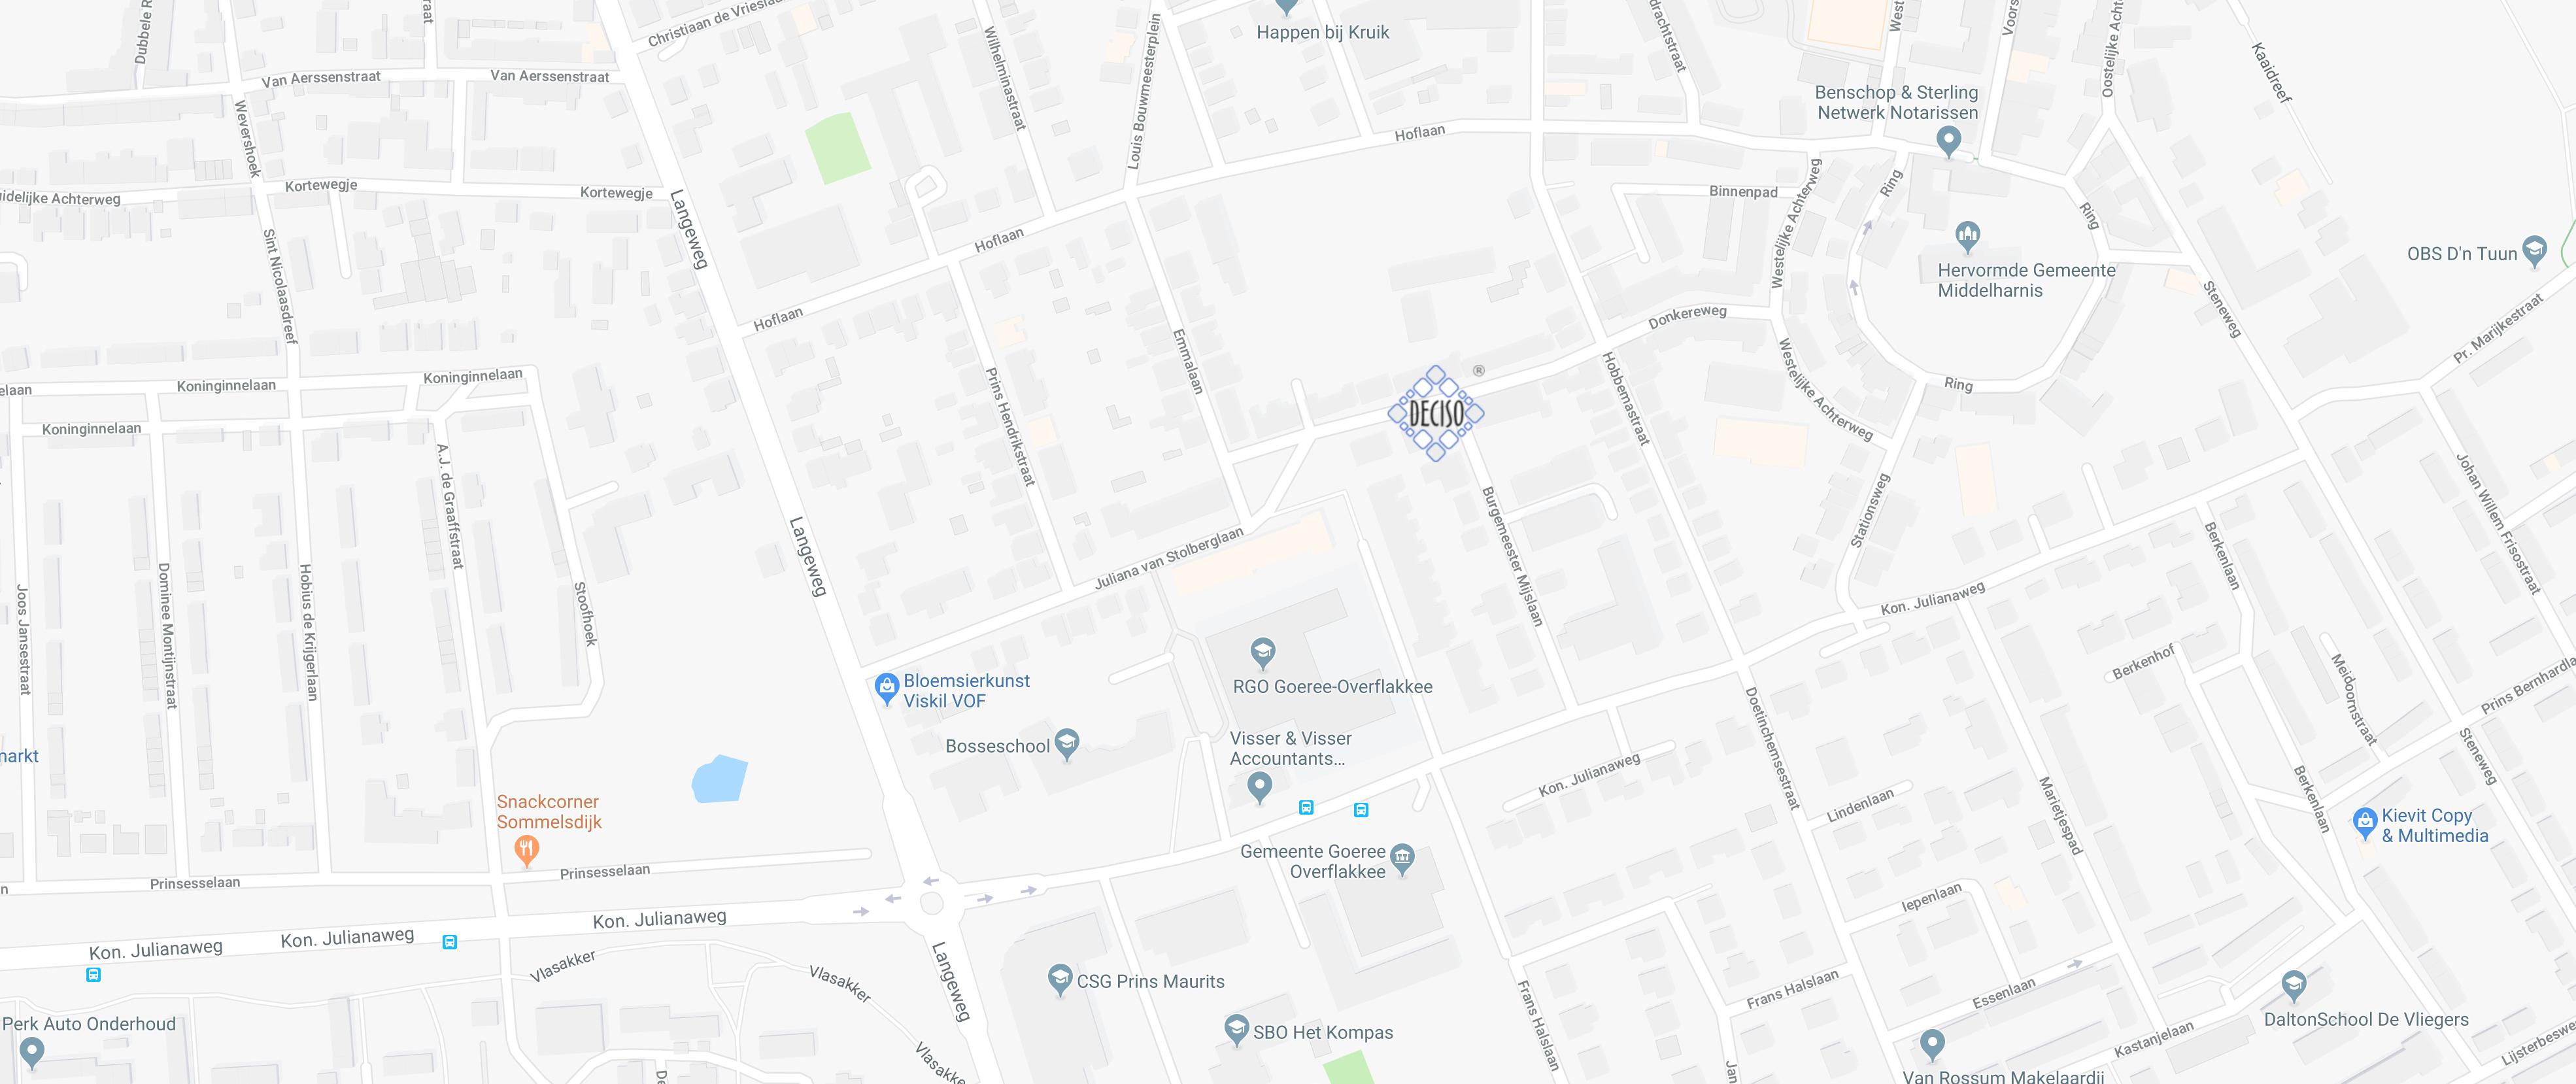 deciso_map